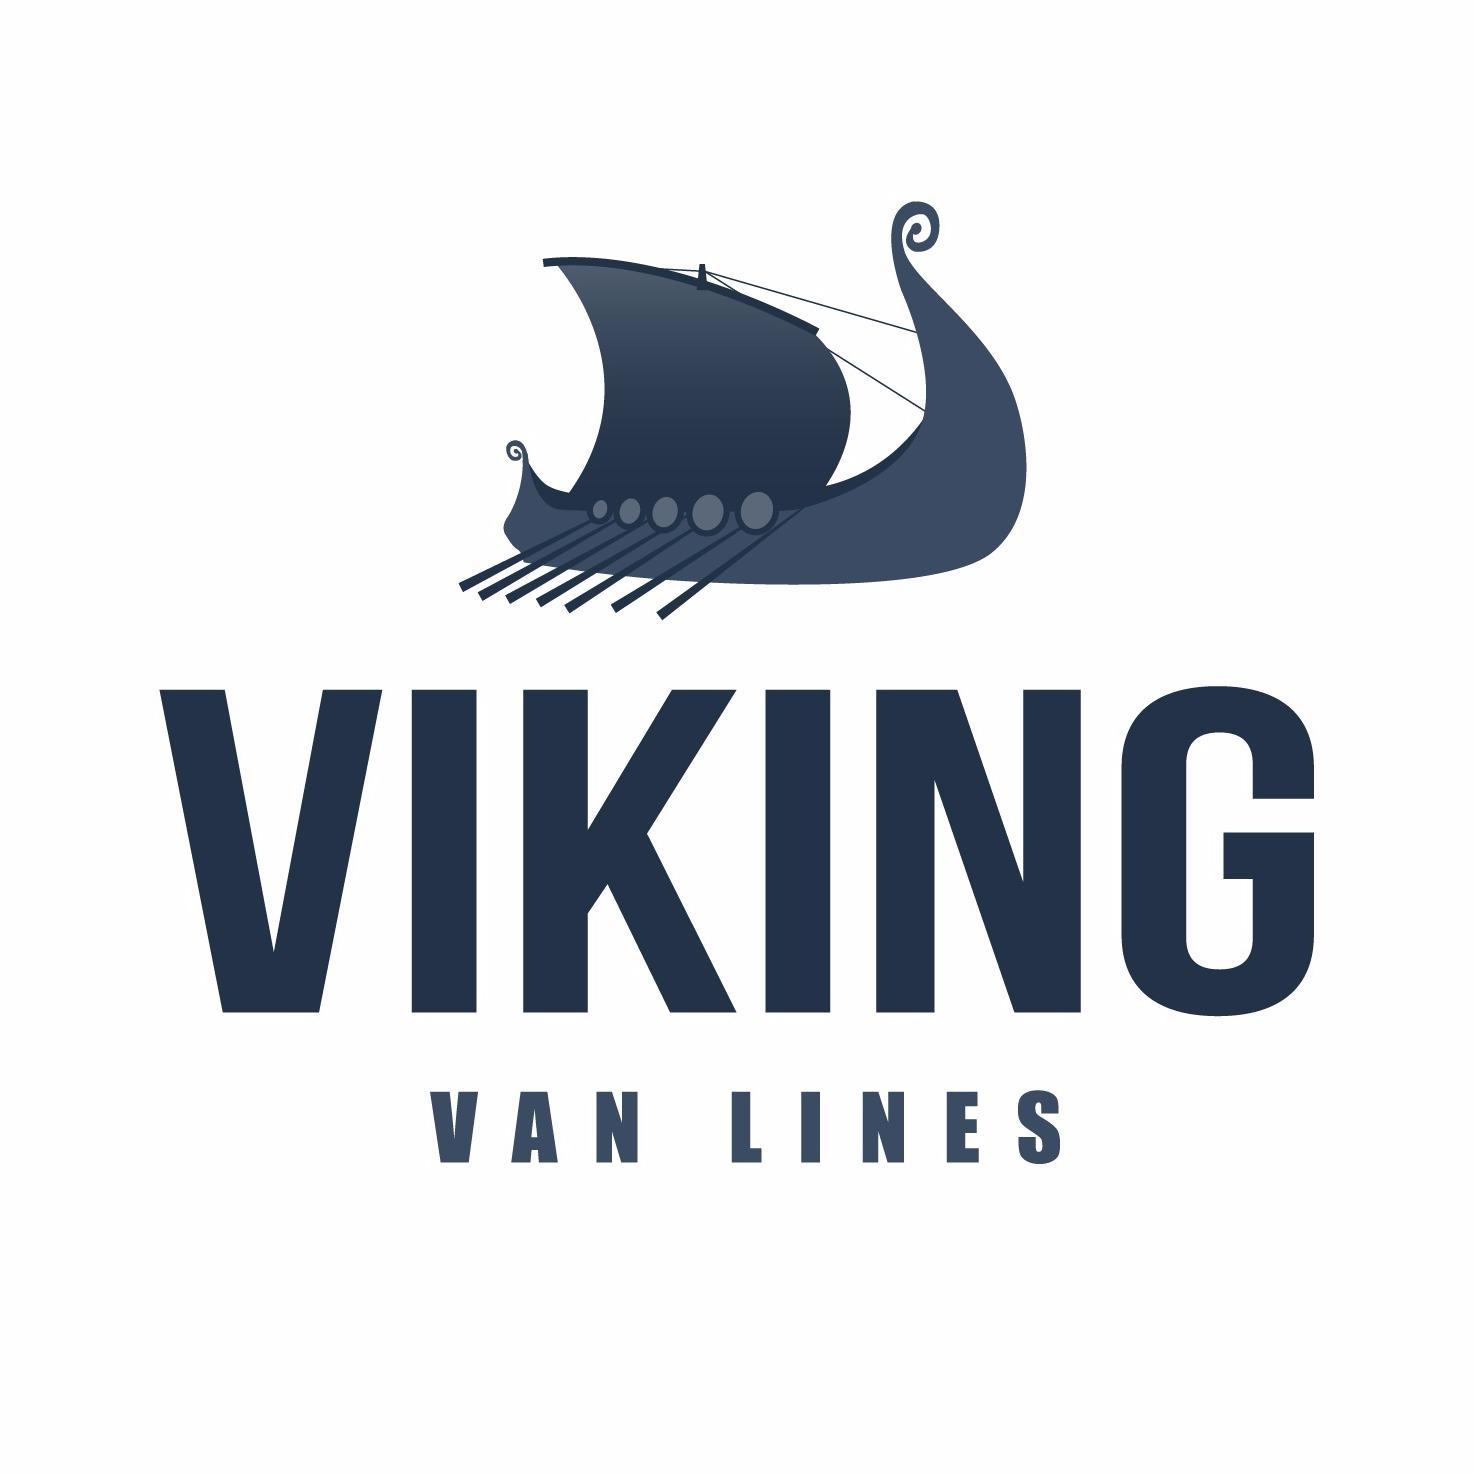 Viking Van Lines LLC